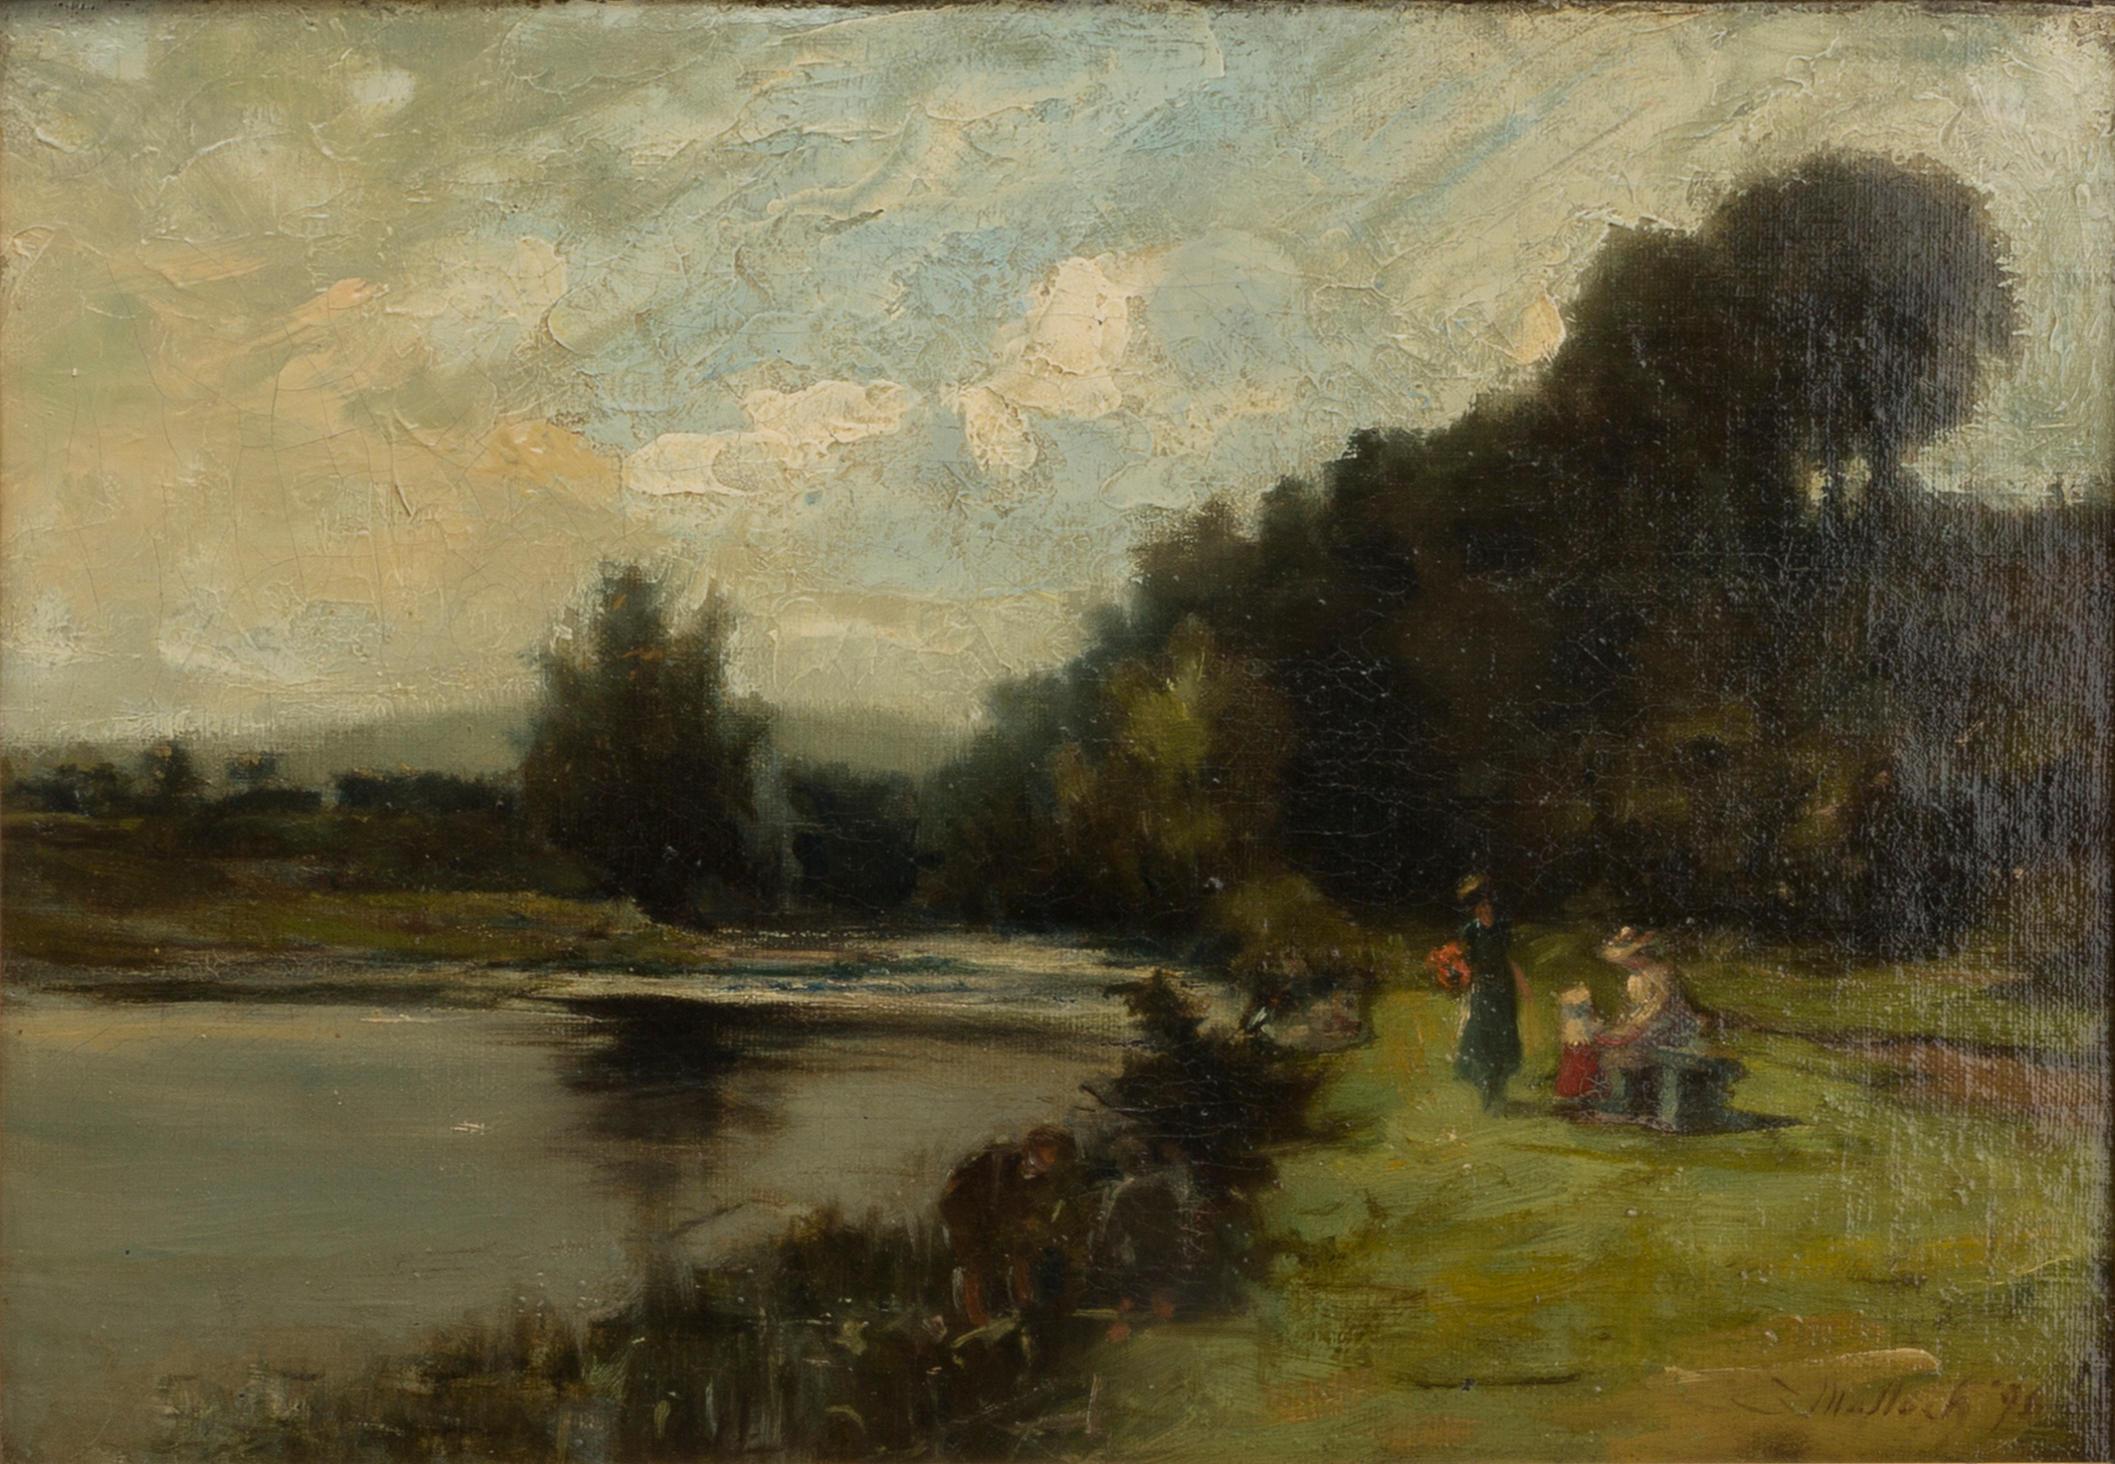 Stirling Malloch (Scottish, 1865-1901)